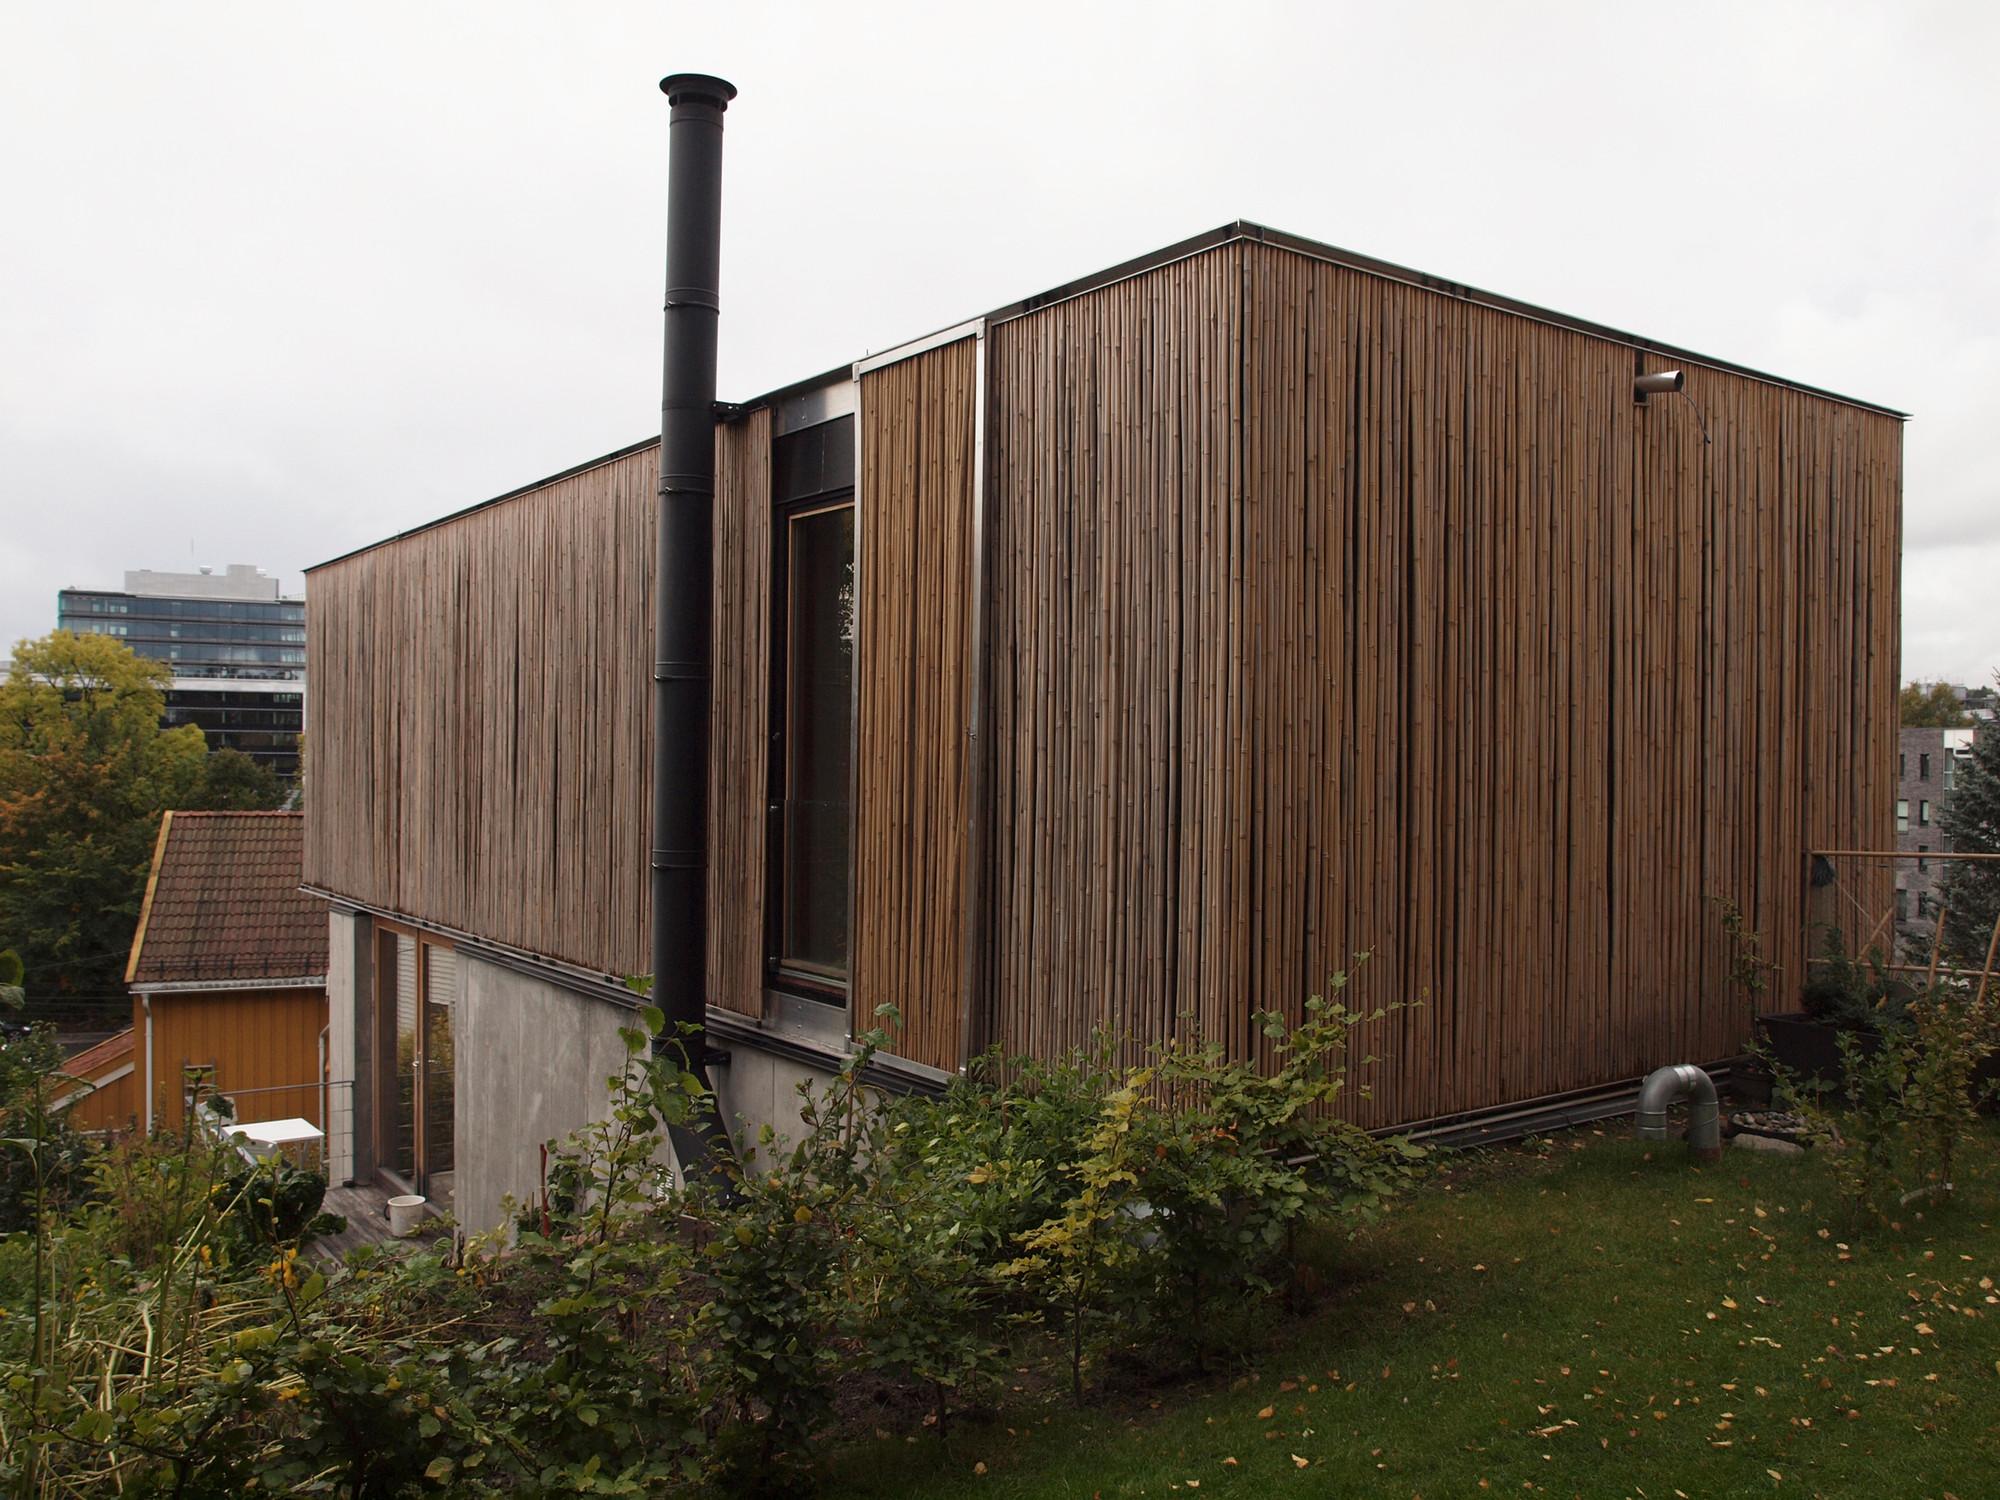 House Sømme  / Knut Hjeltnes, Courtesy of Knut Hjeltnes